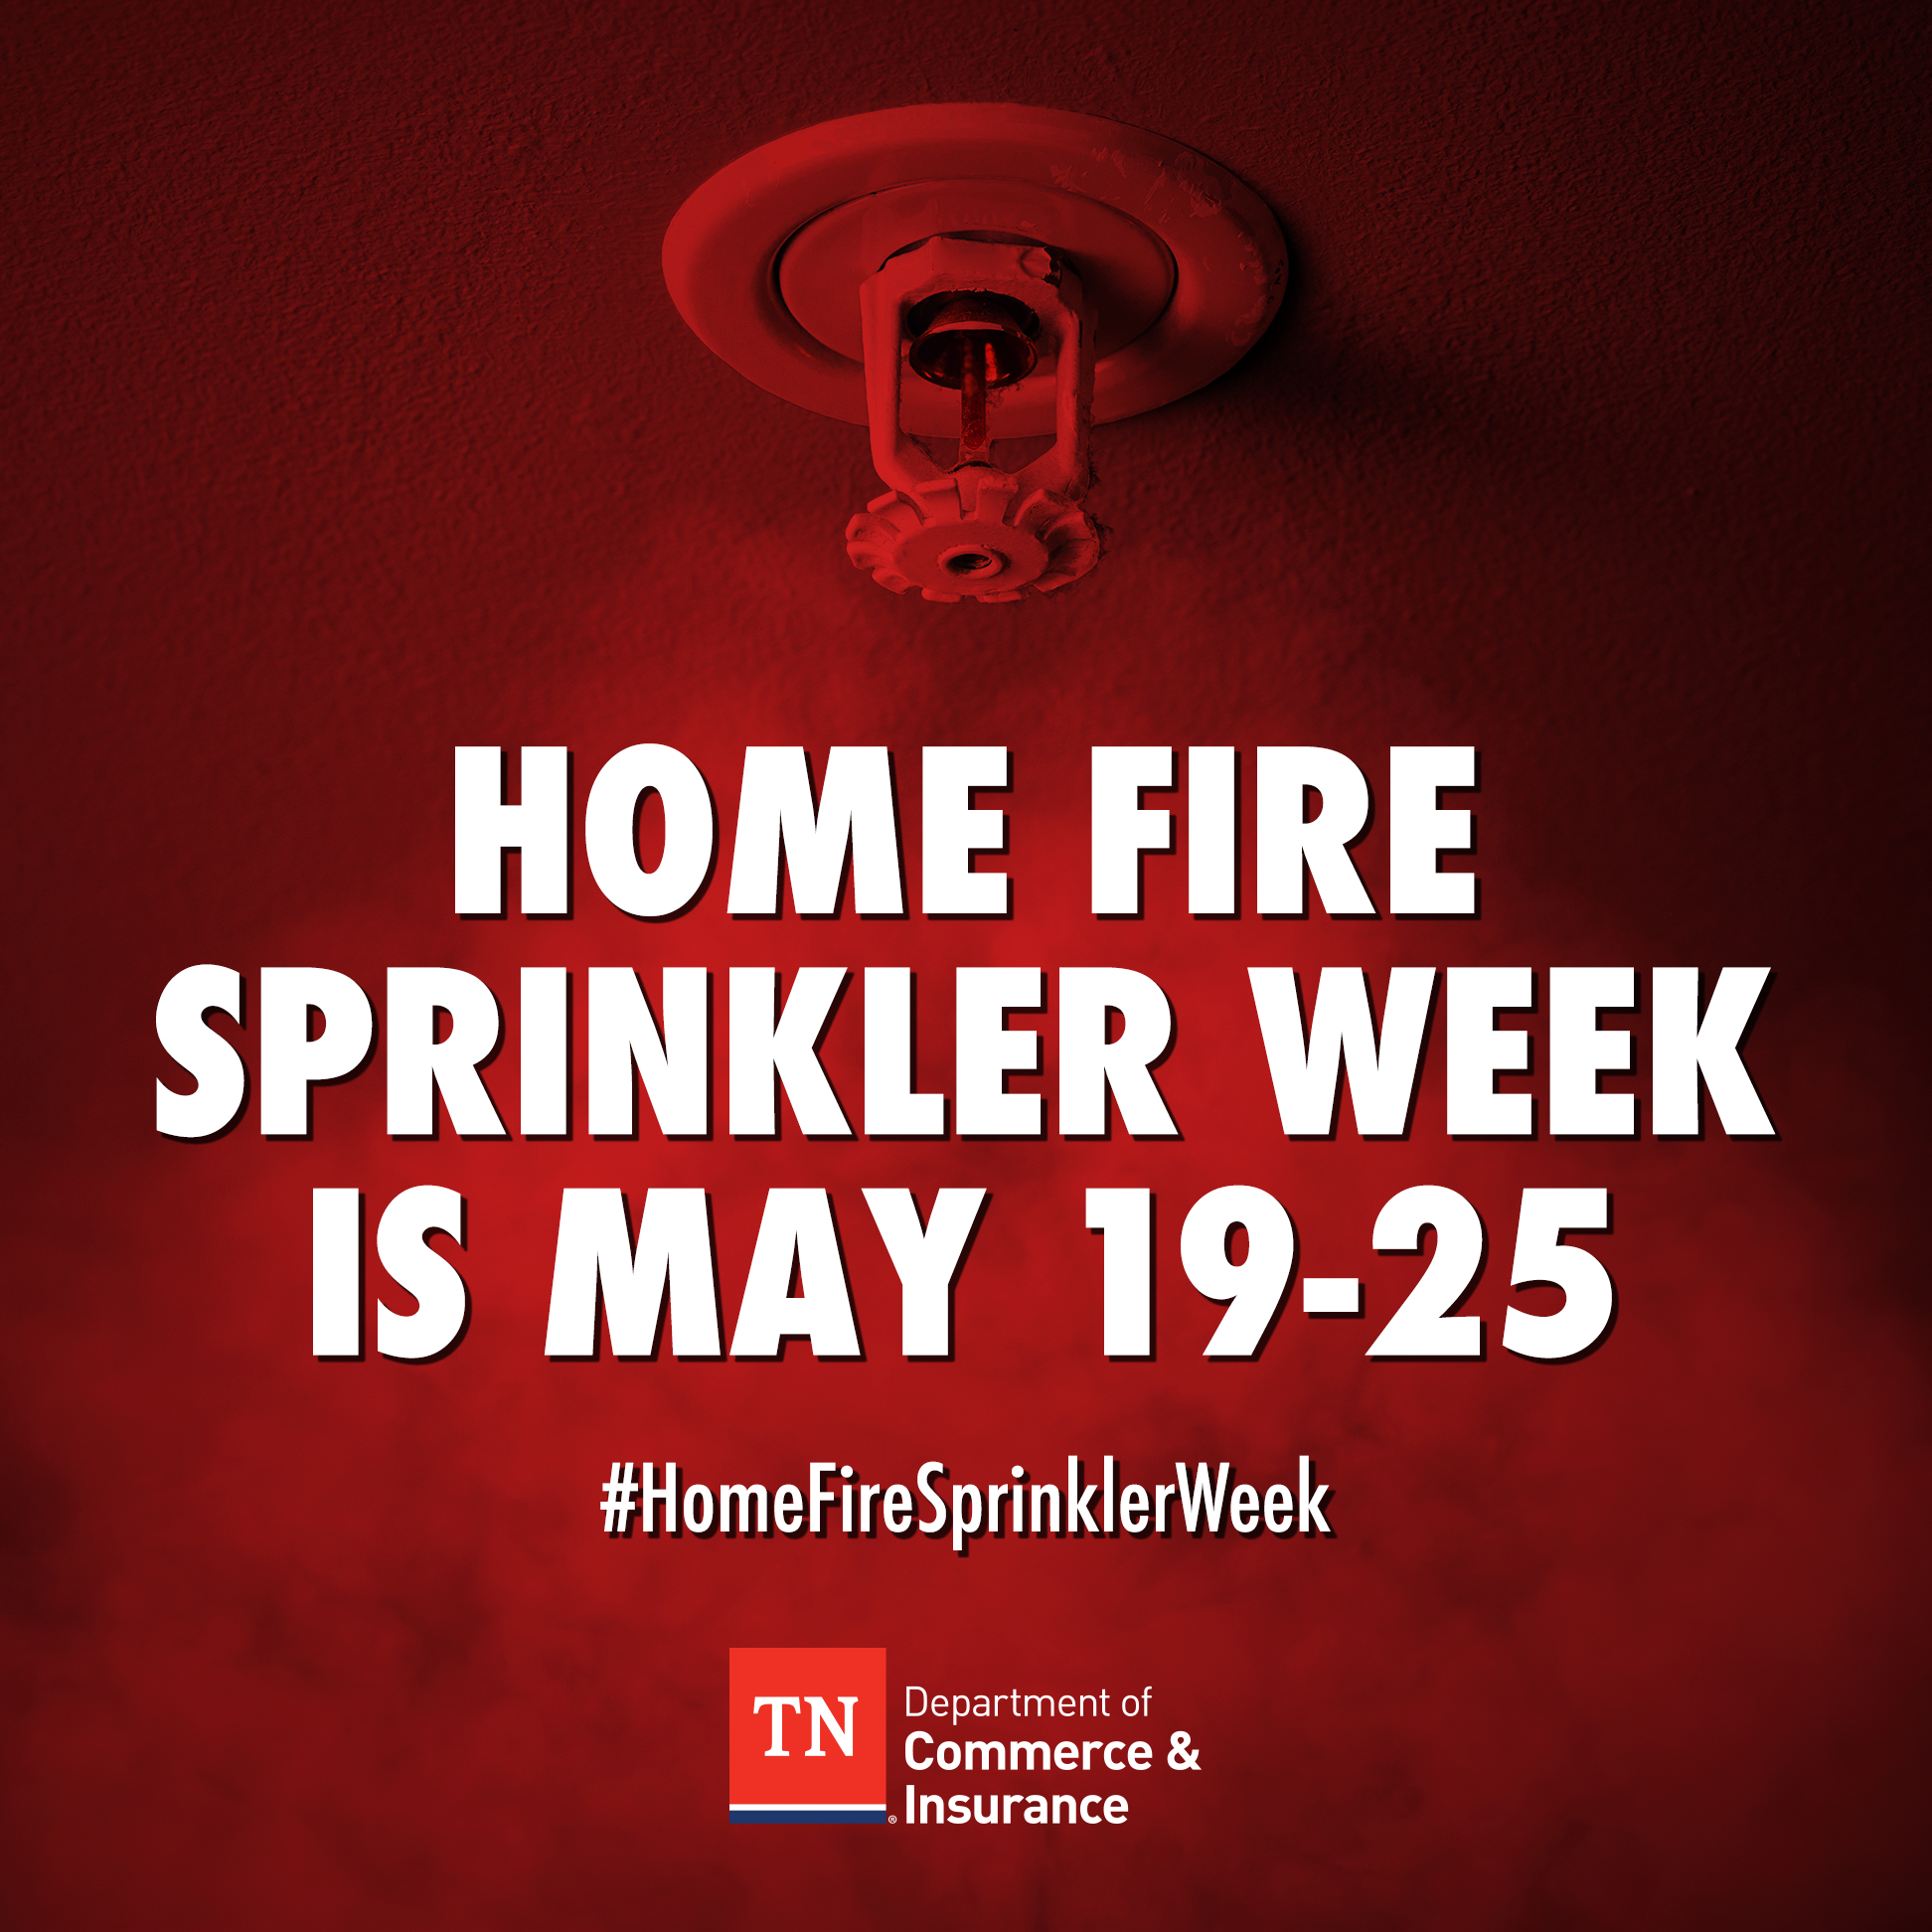 Home Fire Sprinkler Week Is May 19-25, 2019